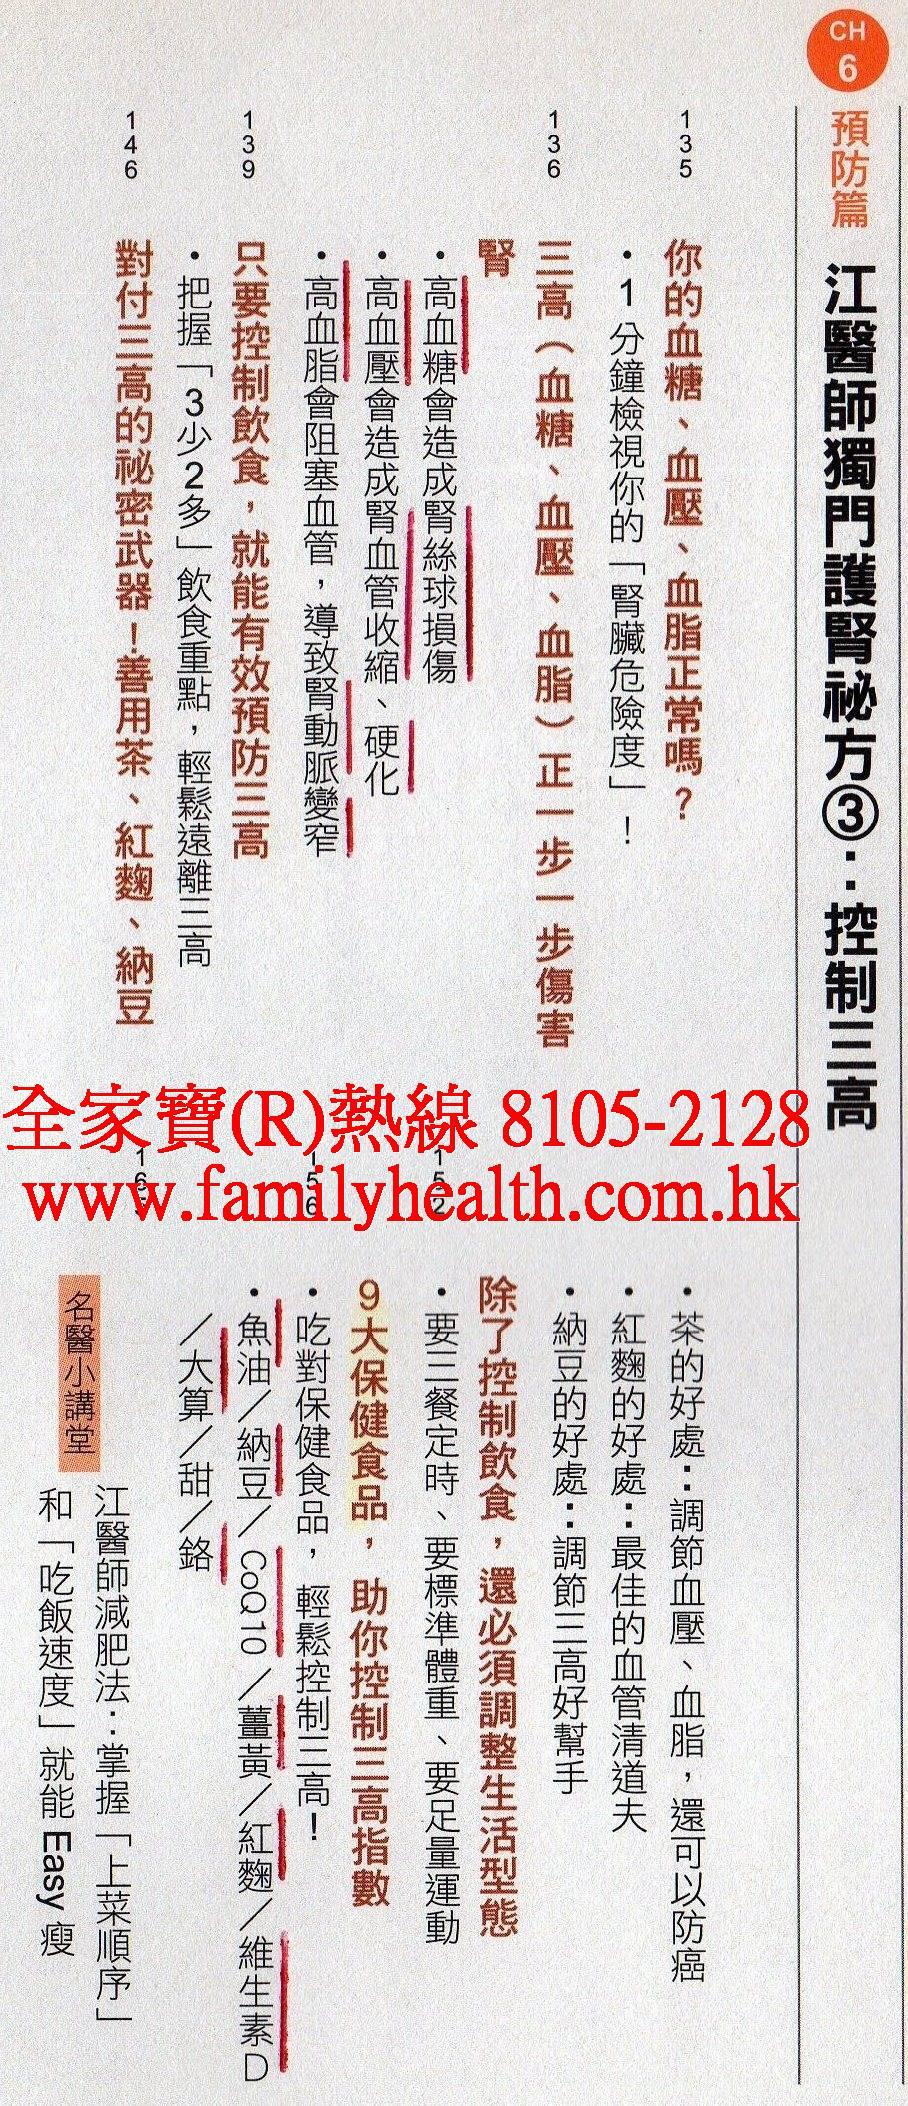 http://www.familyhealth.com.hk/files/full/1024_3.jpg